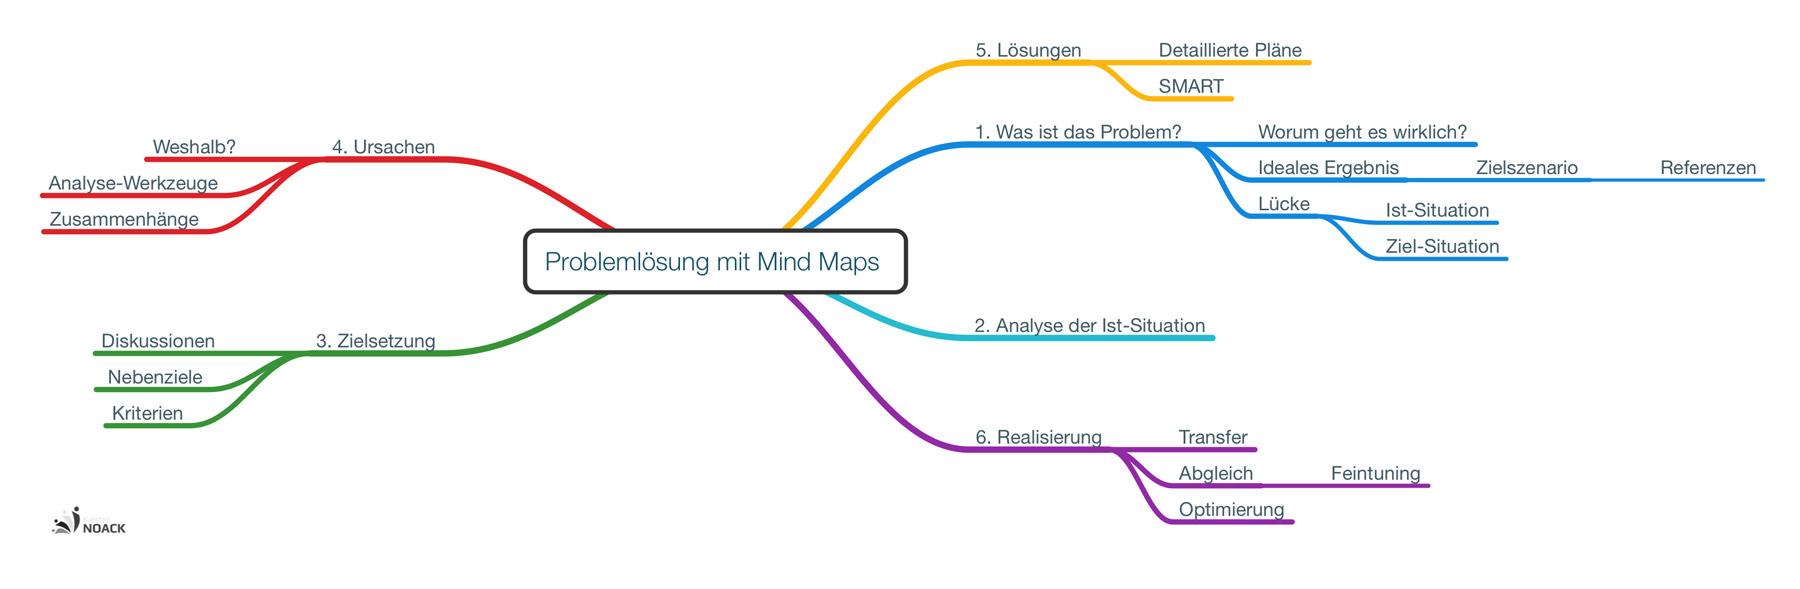 Schritt für Schritt zur Problemlösung mit Mind Maps